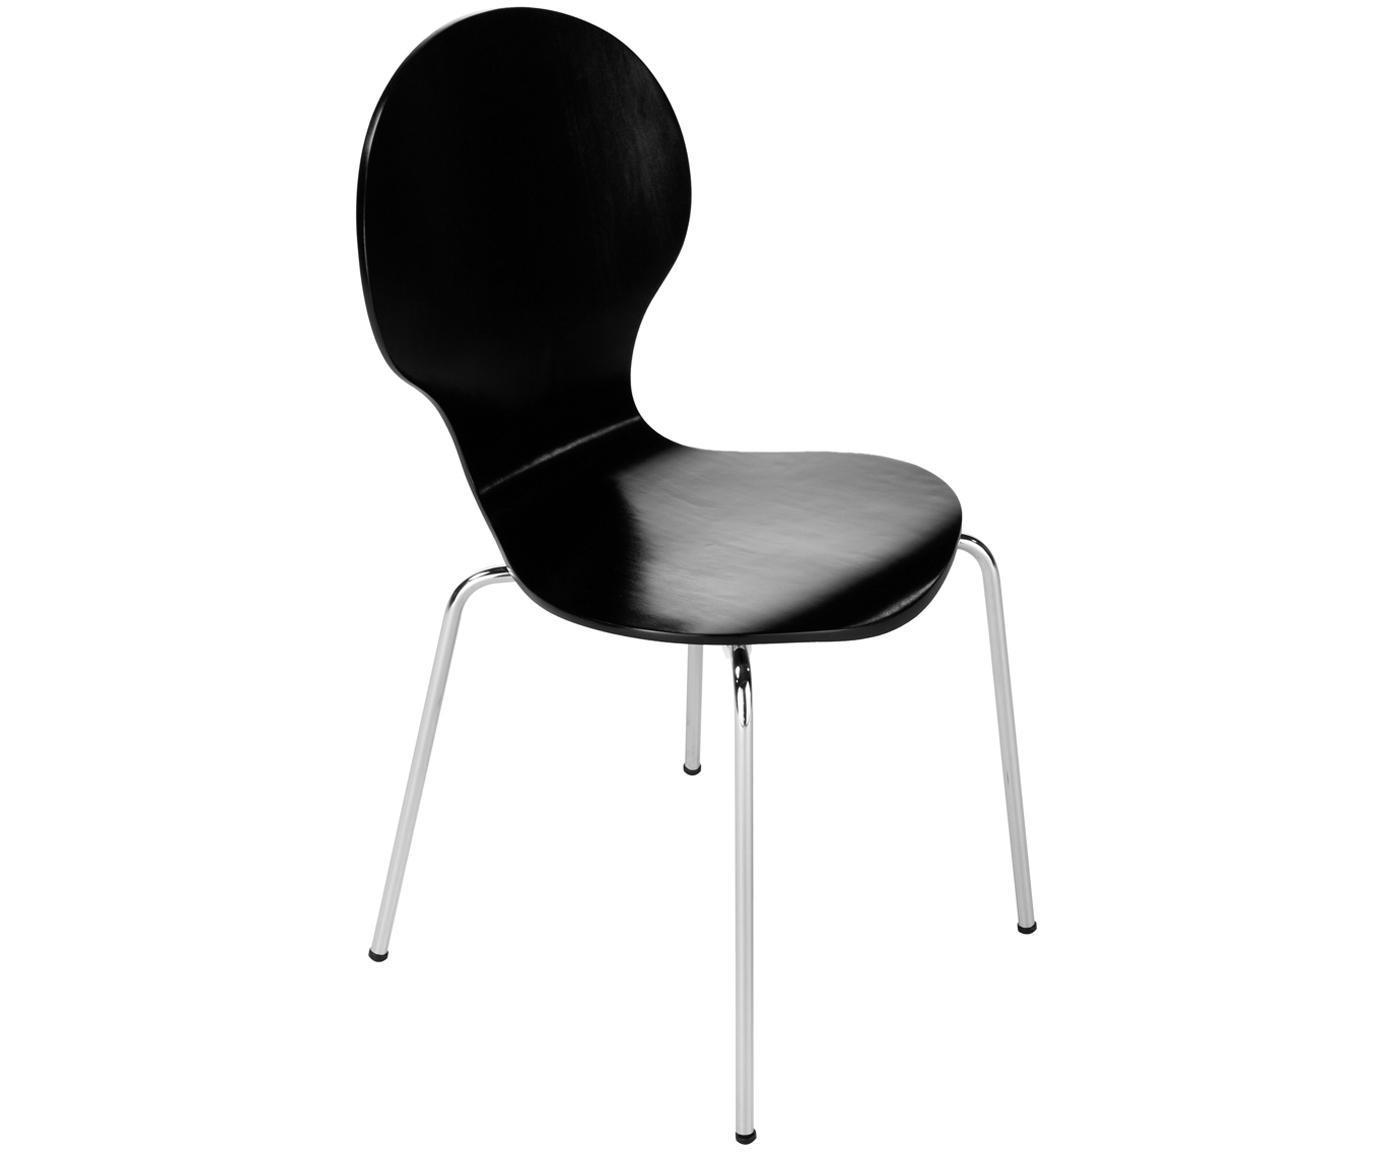 Sillas Marcus, 4 uds., Asiento: tablero de fibras de dens, Estructura: acero, cromado, Negro, An 49 x Al 87 cm